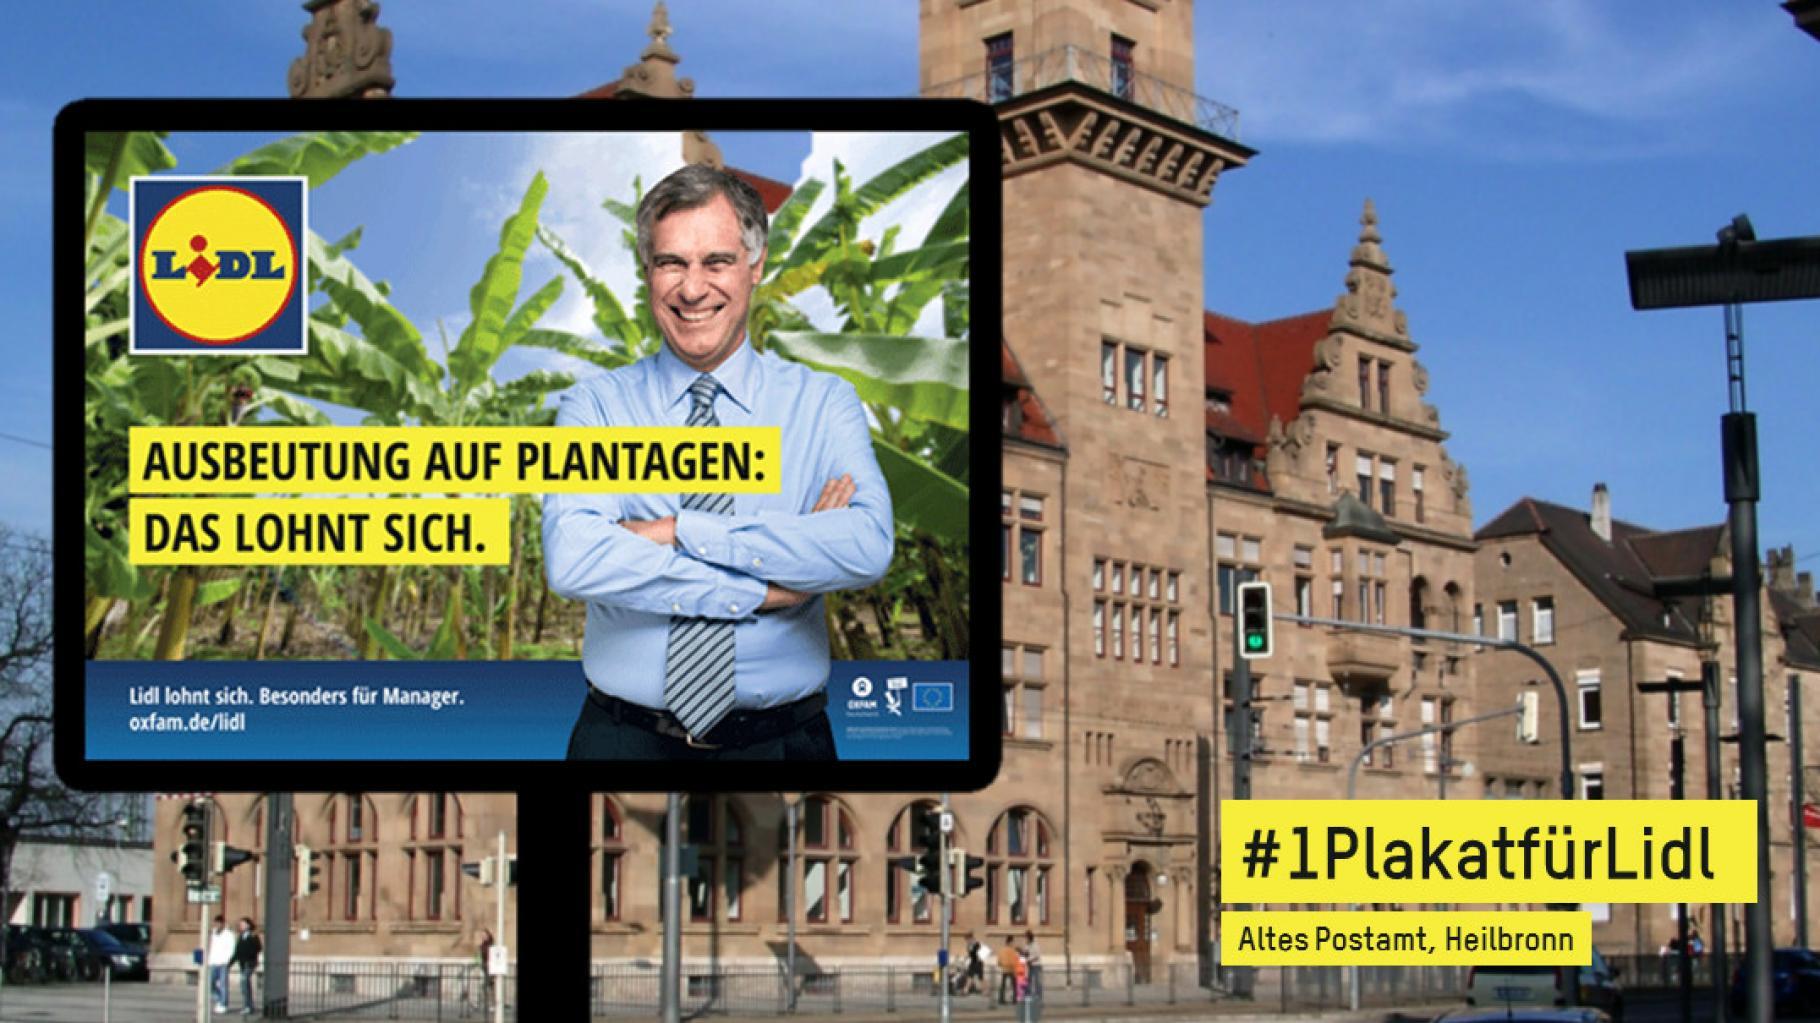 """Plakat mit der Aufschrift """"Ausbeutung auf Plantagen: Das lohnt sich. Lidl lohnt sich. Besonders für Manager. oxfam.de/lidl"""" vor der Kulisse des Alten Postamts in Heilbronn"""